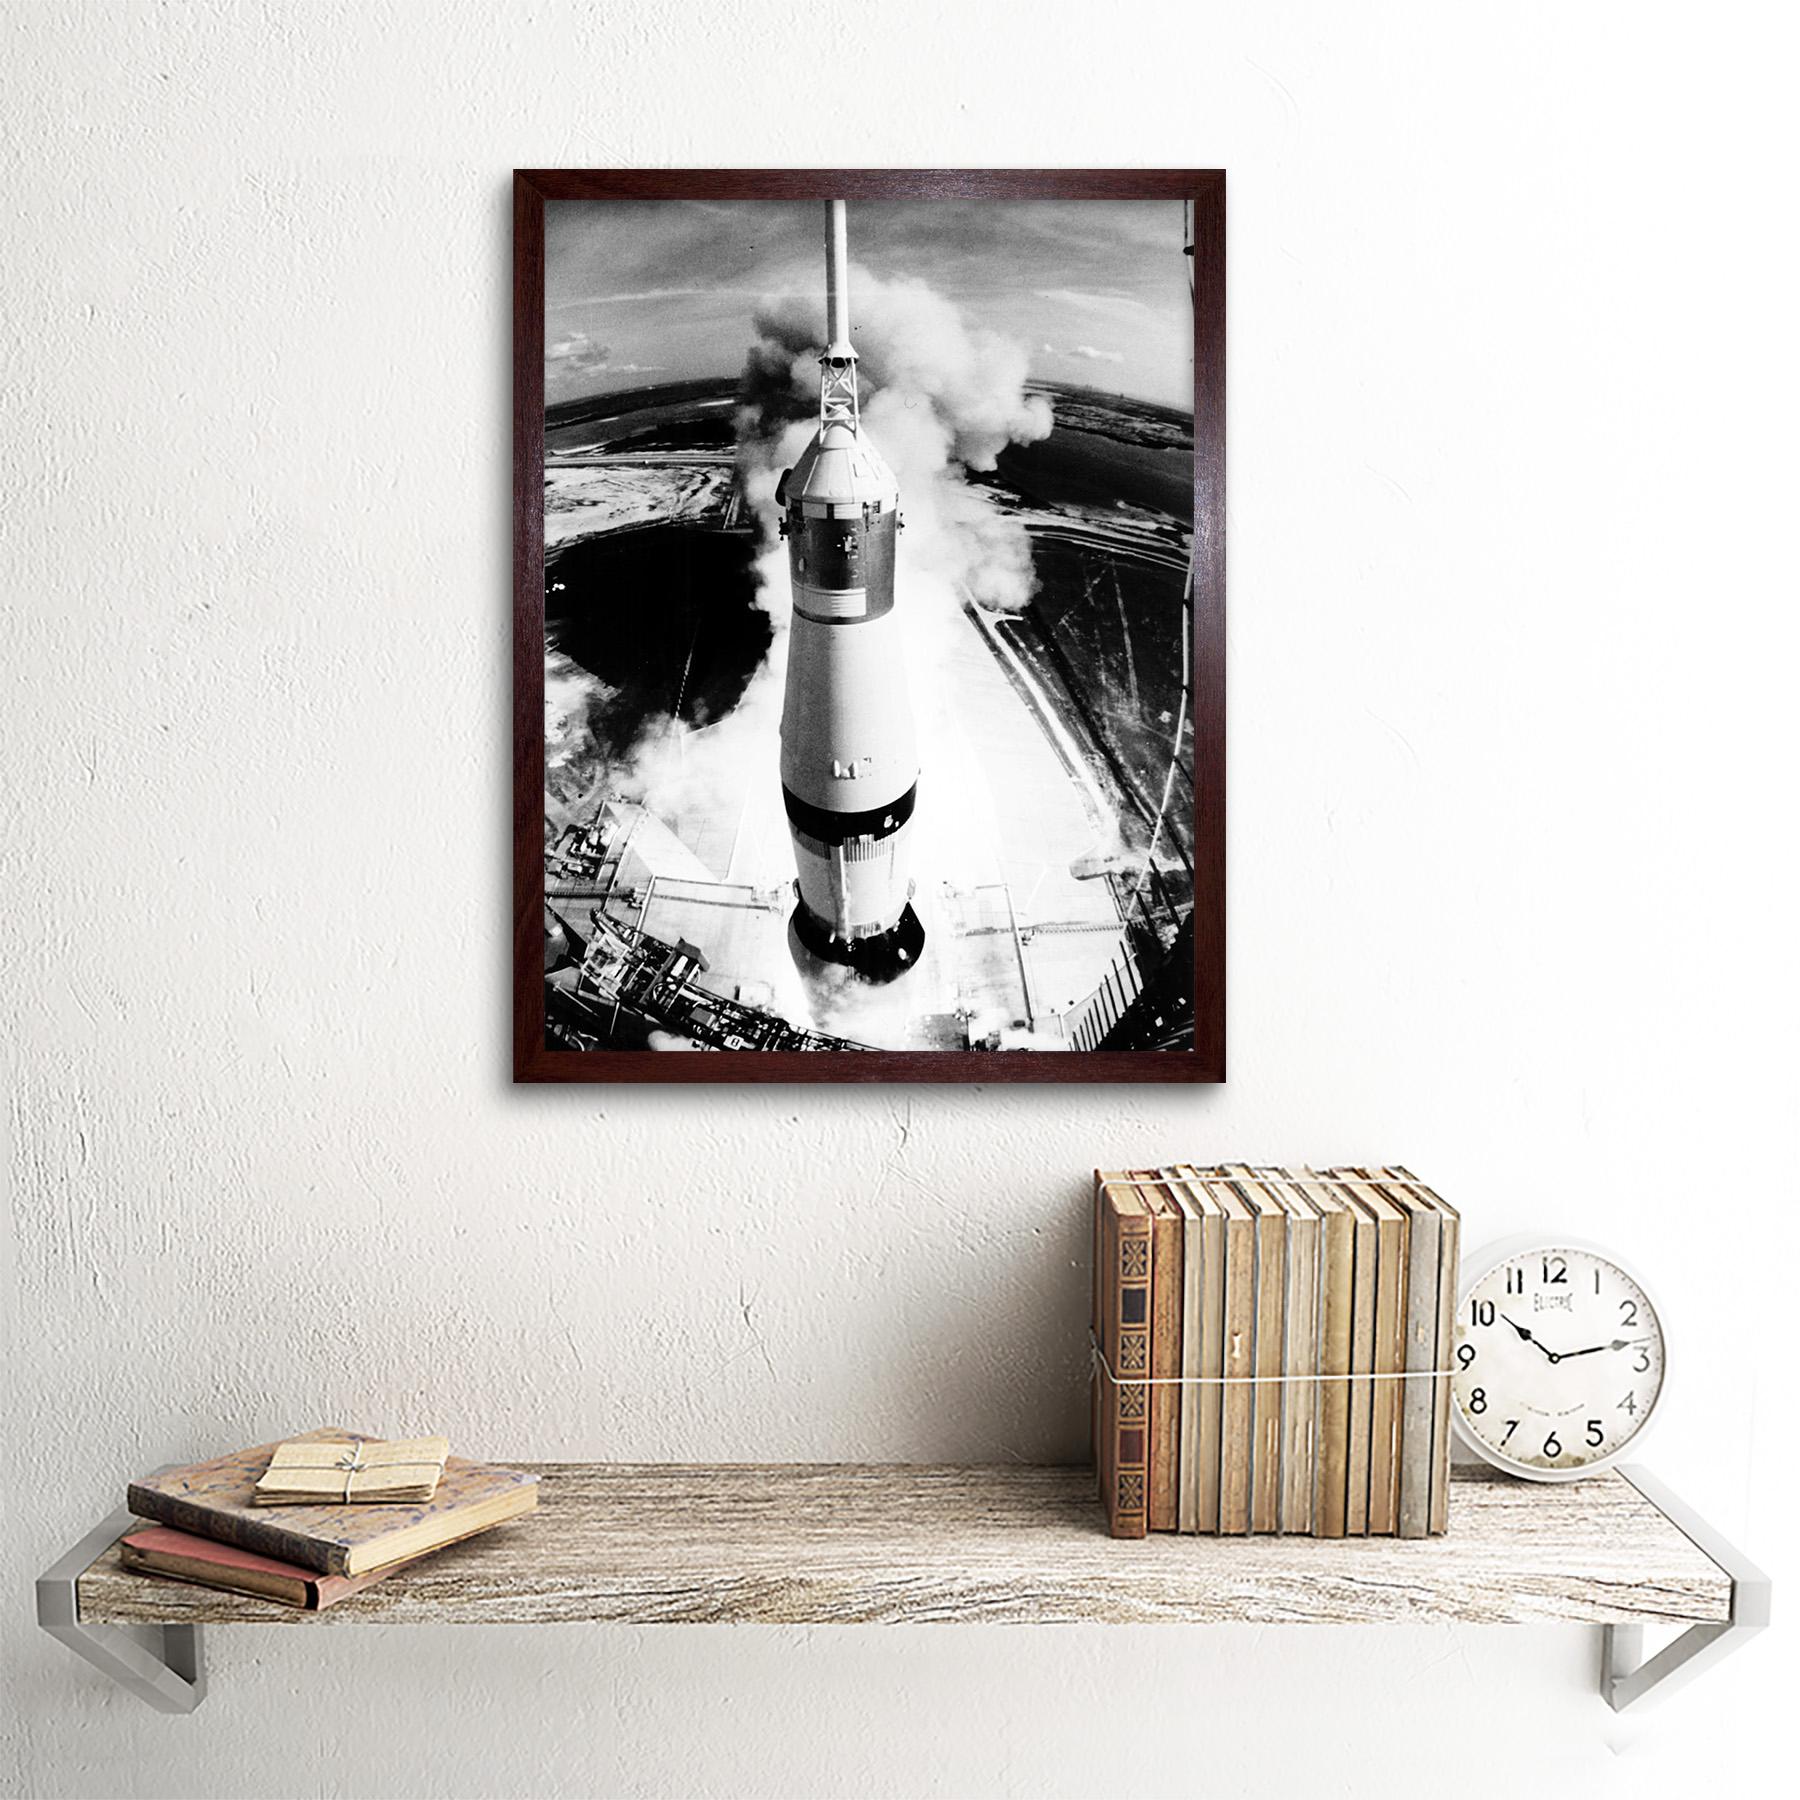 Lanzamiento del cohete espacio Saturno V Apolo 11 ver empuje Blast Elevación De Lámina